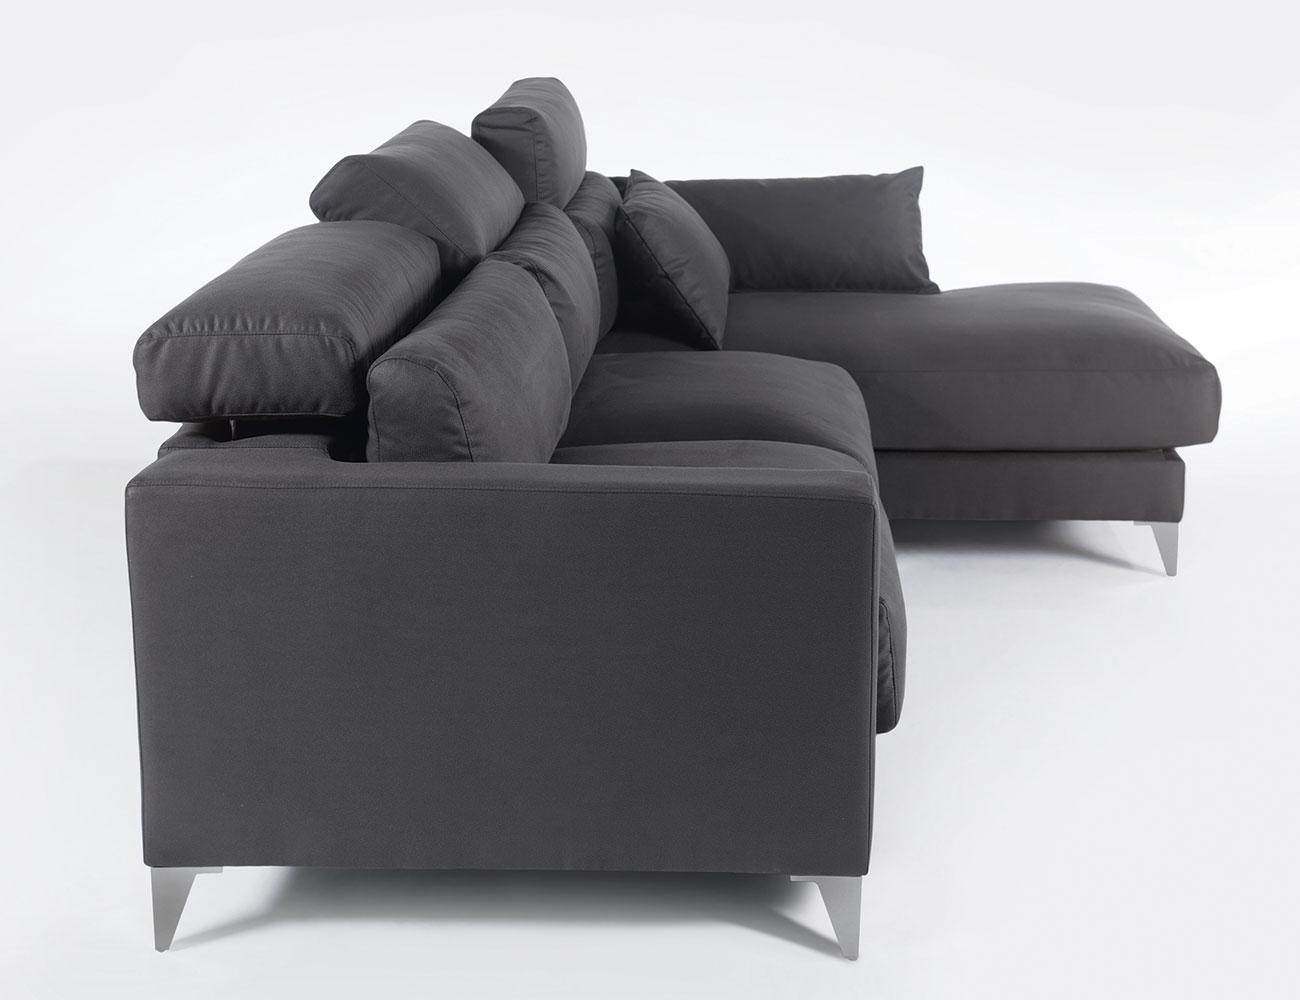 Sofa chaiselongue gran lujo decorativo grafito 16